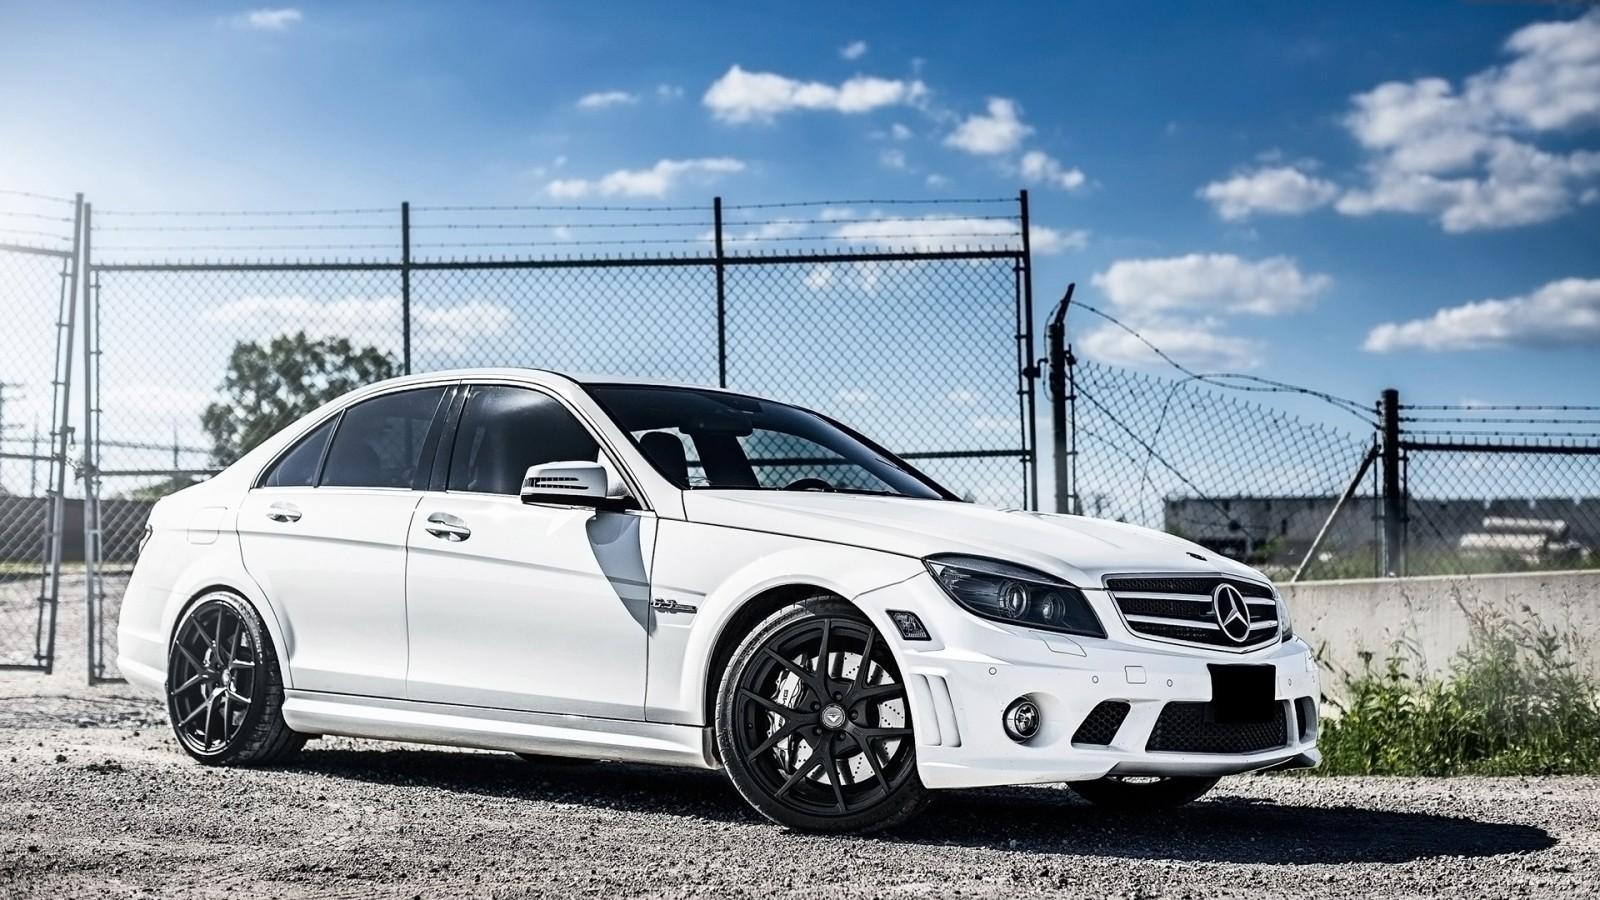 2014 Vorsteiner Mercedes Benz C63 Amg Wallpaper Hd Car